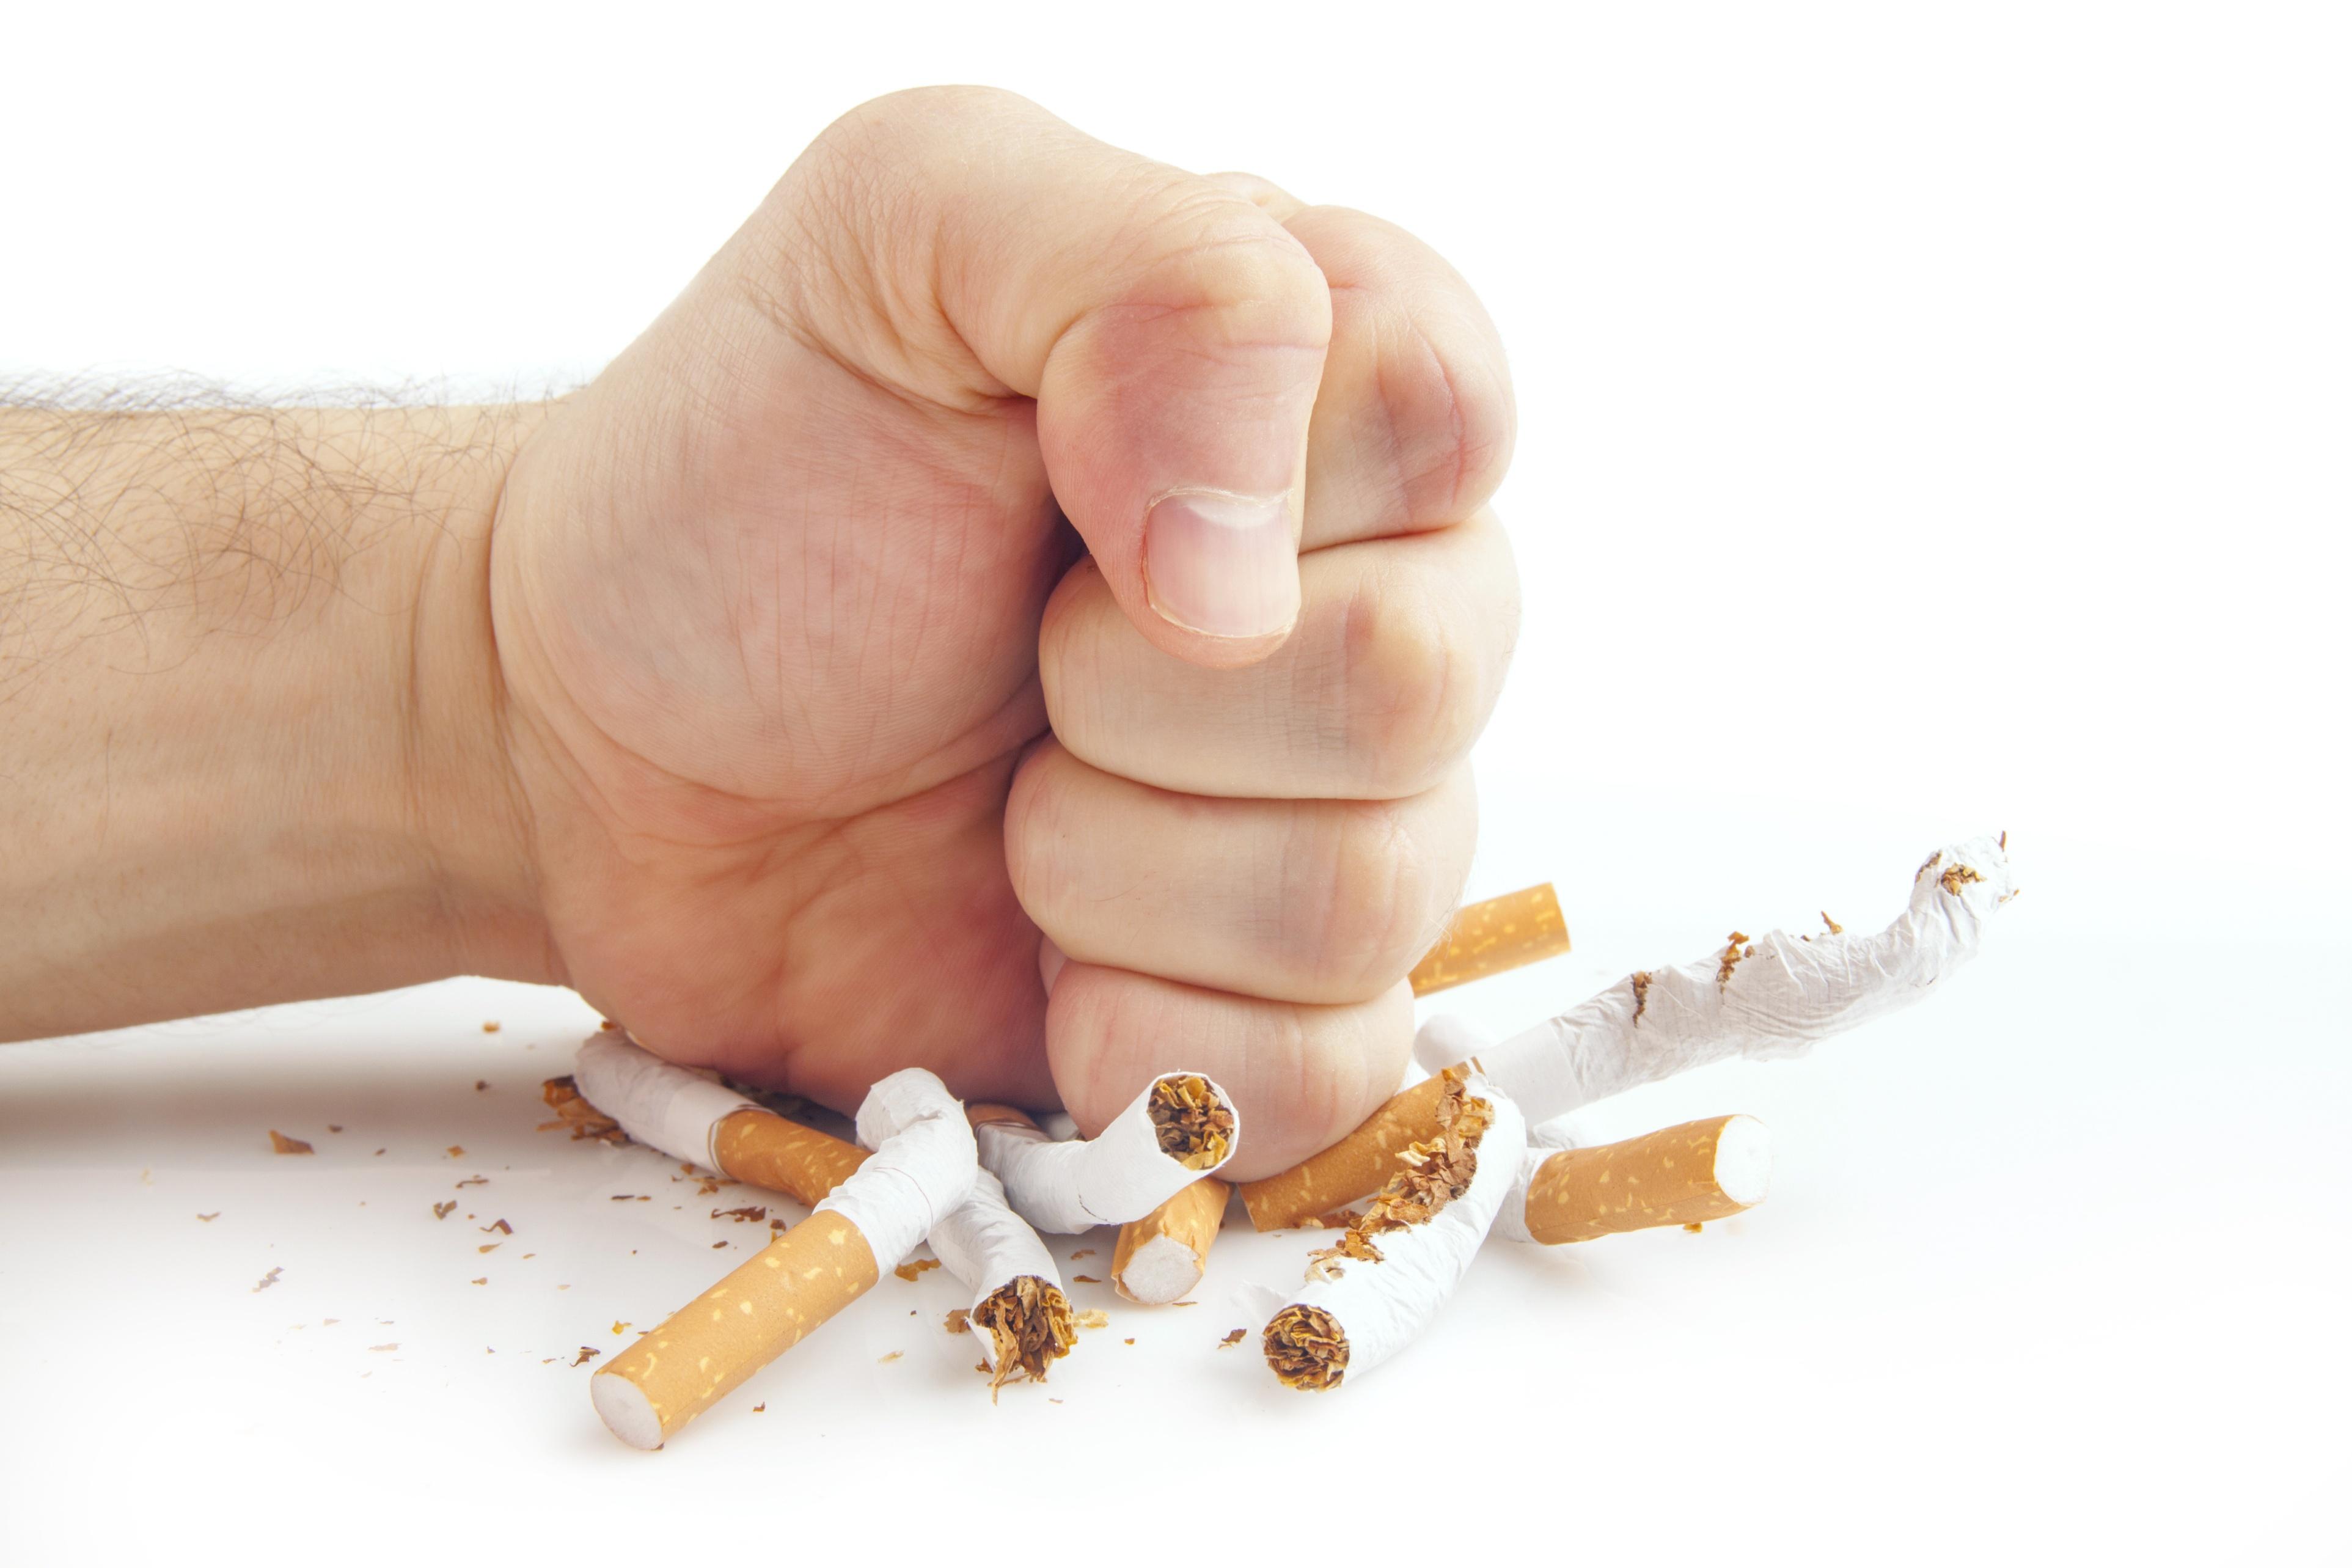 Megígértem, hogy leszok a dohányzásról